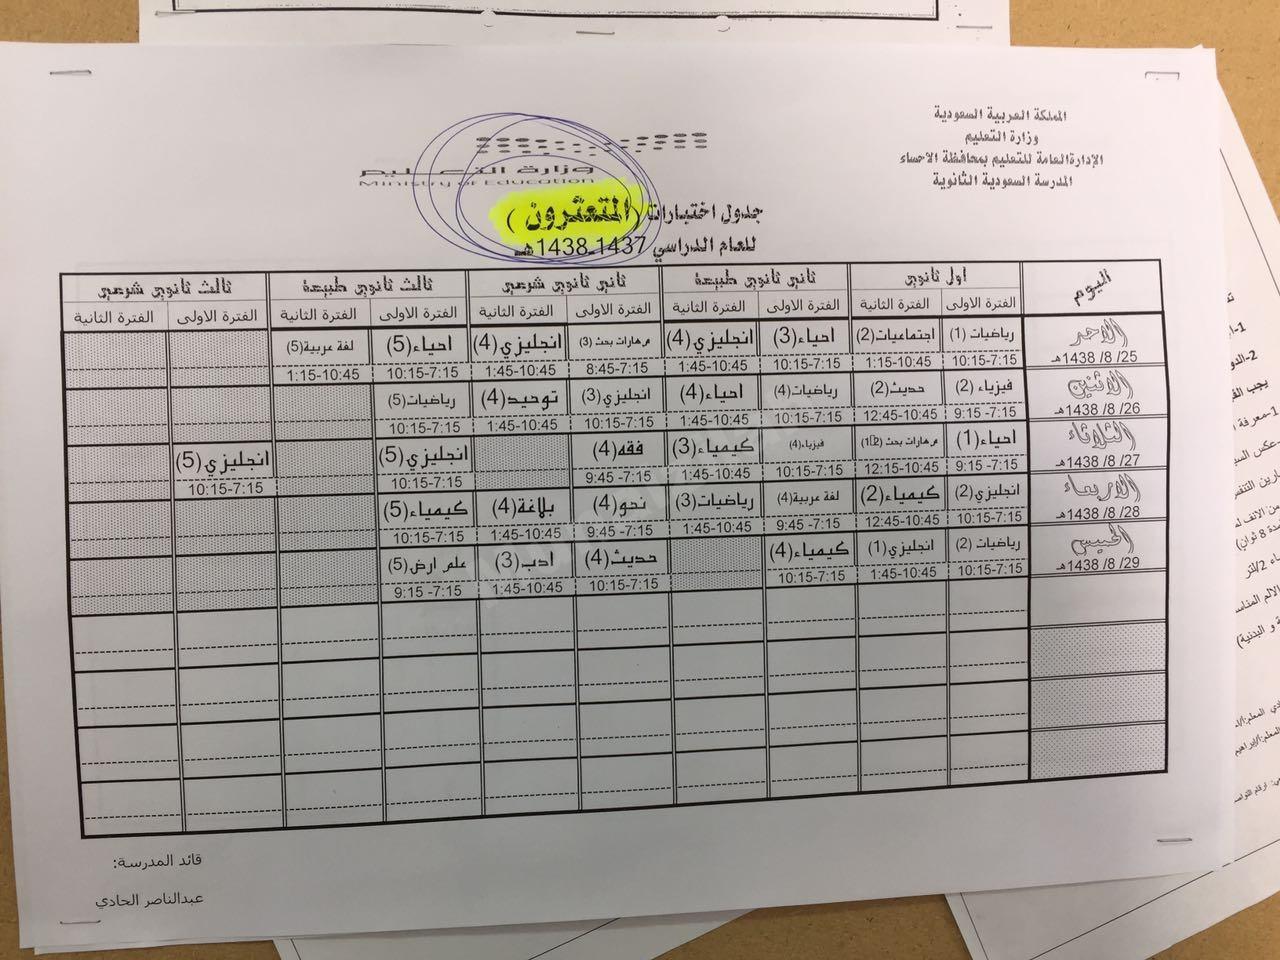 عاجل : الثانوية السعودية تدعو الطلاب المتعثرين لتأدية الامتحانات